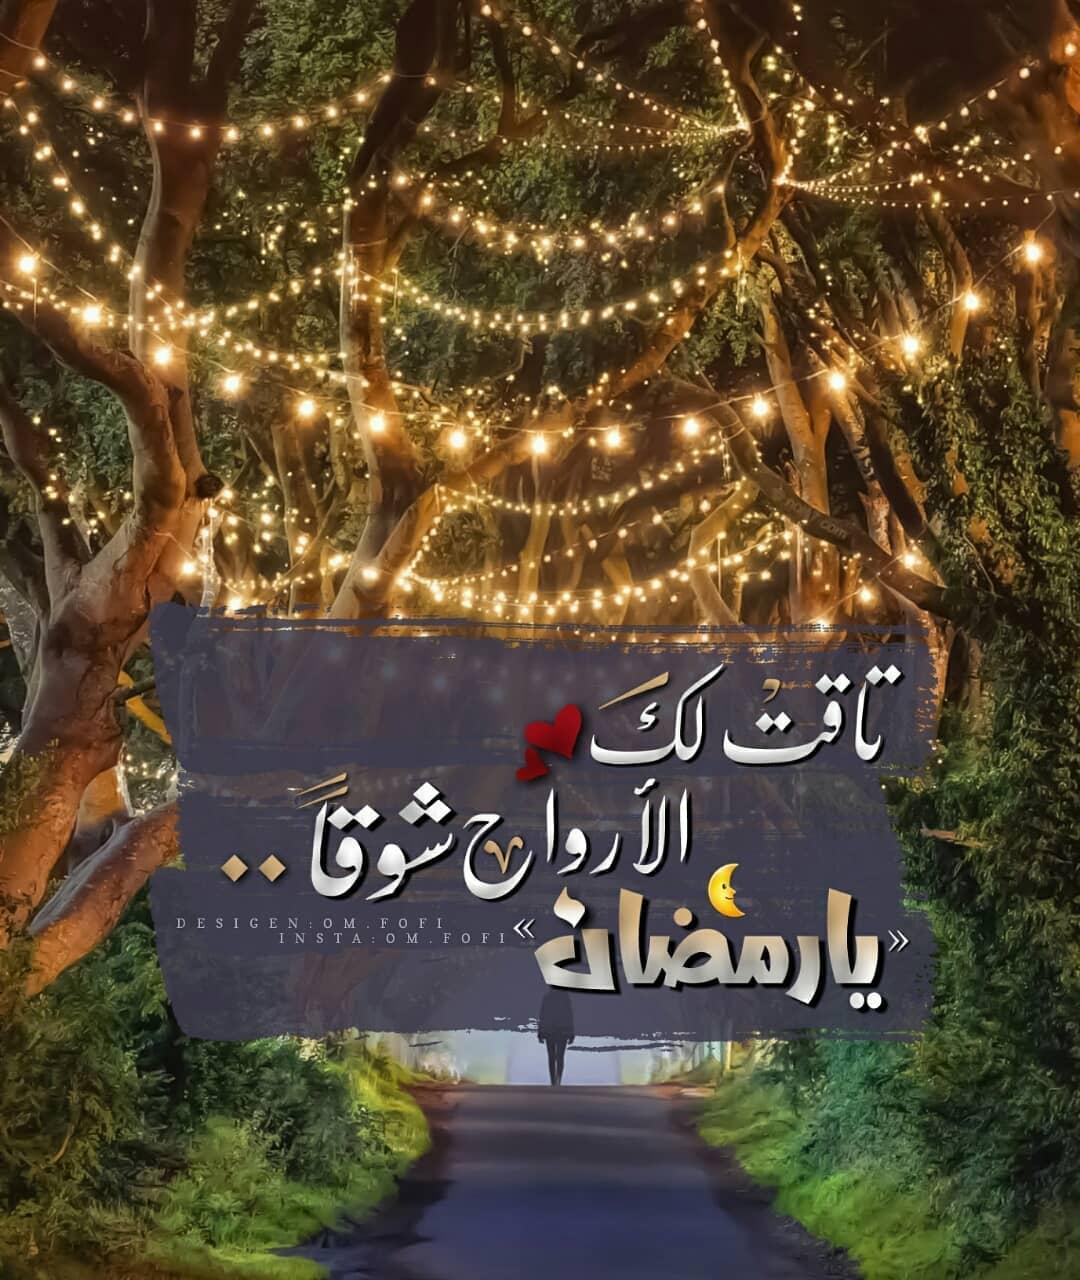 اا خلفيات صور ادعيه رمضان 2019 6 - صور وخلفيات أدعية شهر رمضان المبارك 2019